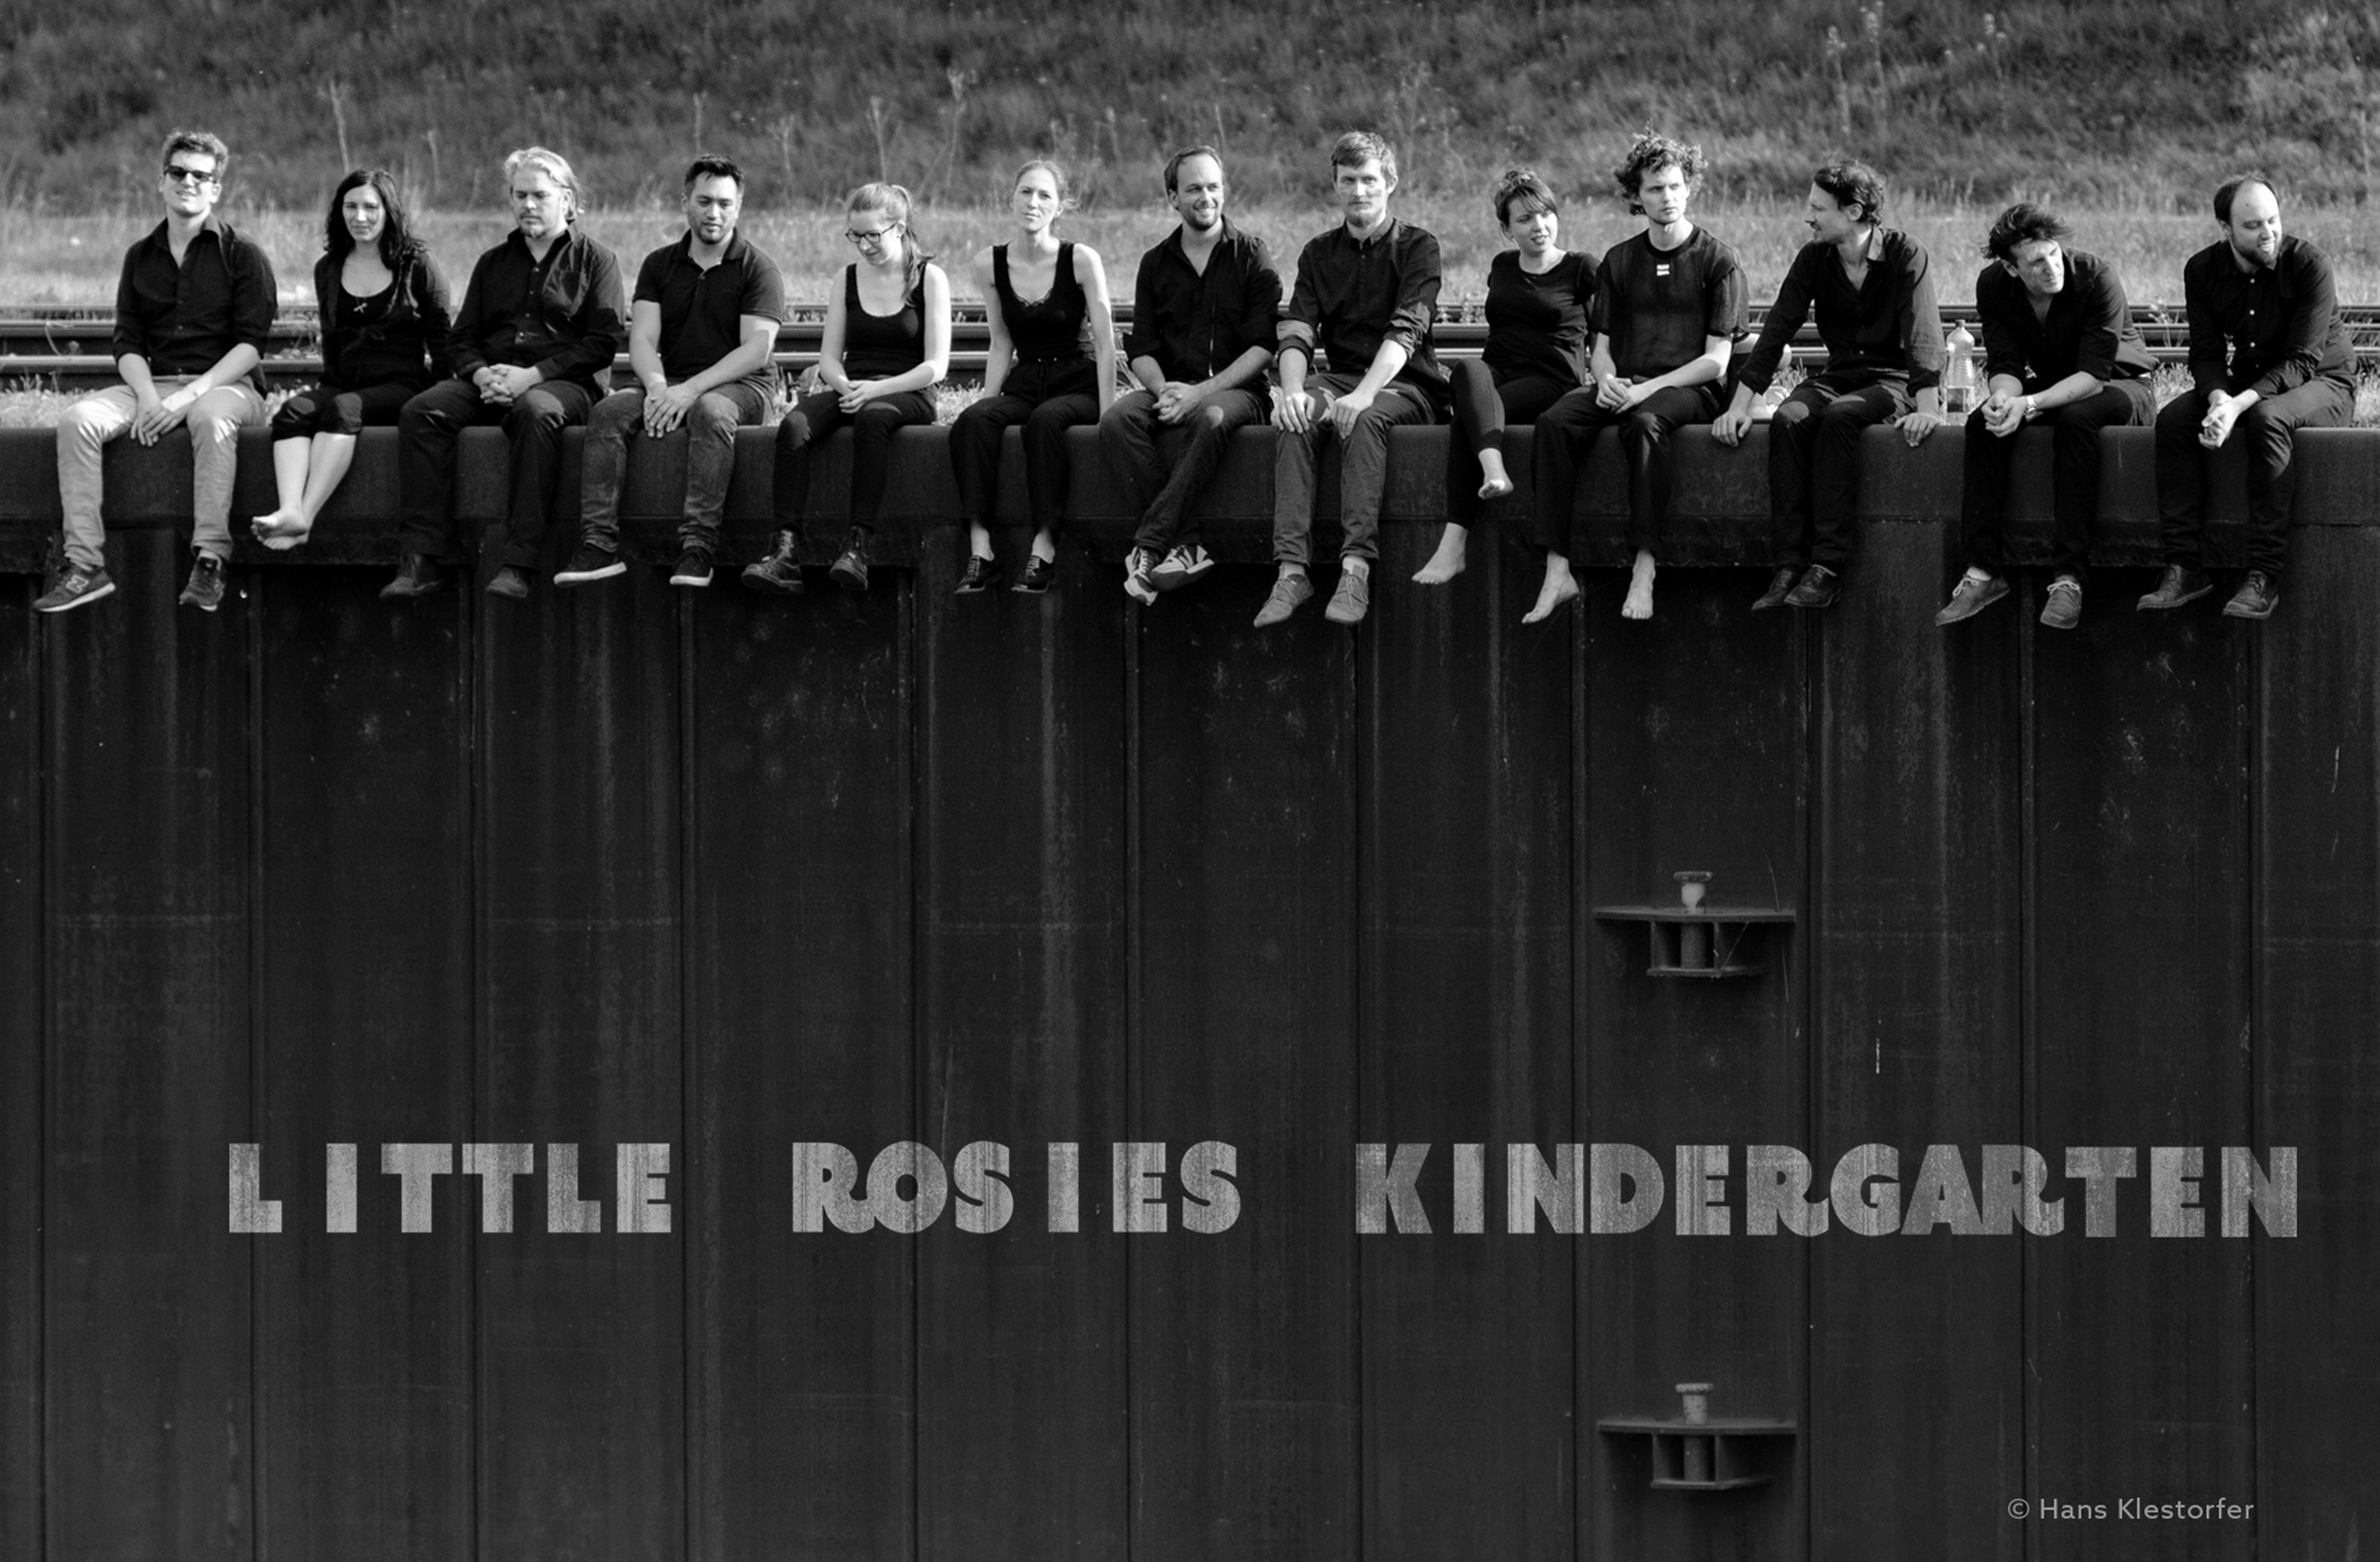 Little Rosies Kindergarten am Schachmittwoch